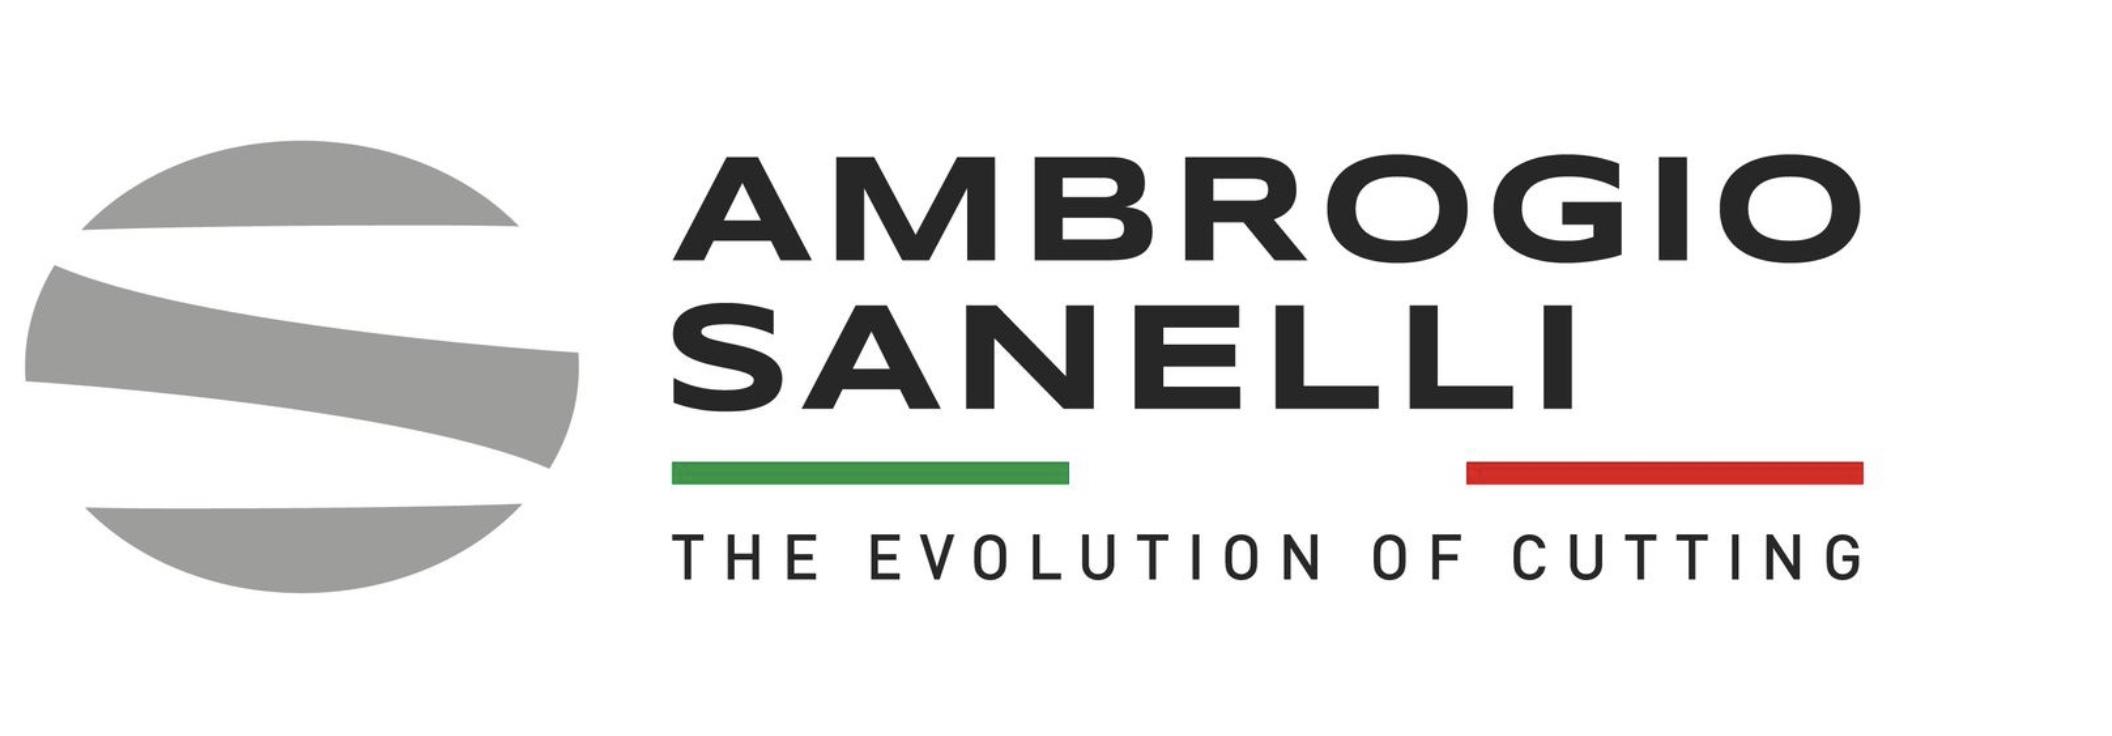 AMBROGIO SANELLI